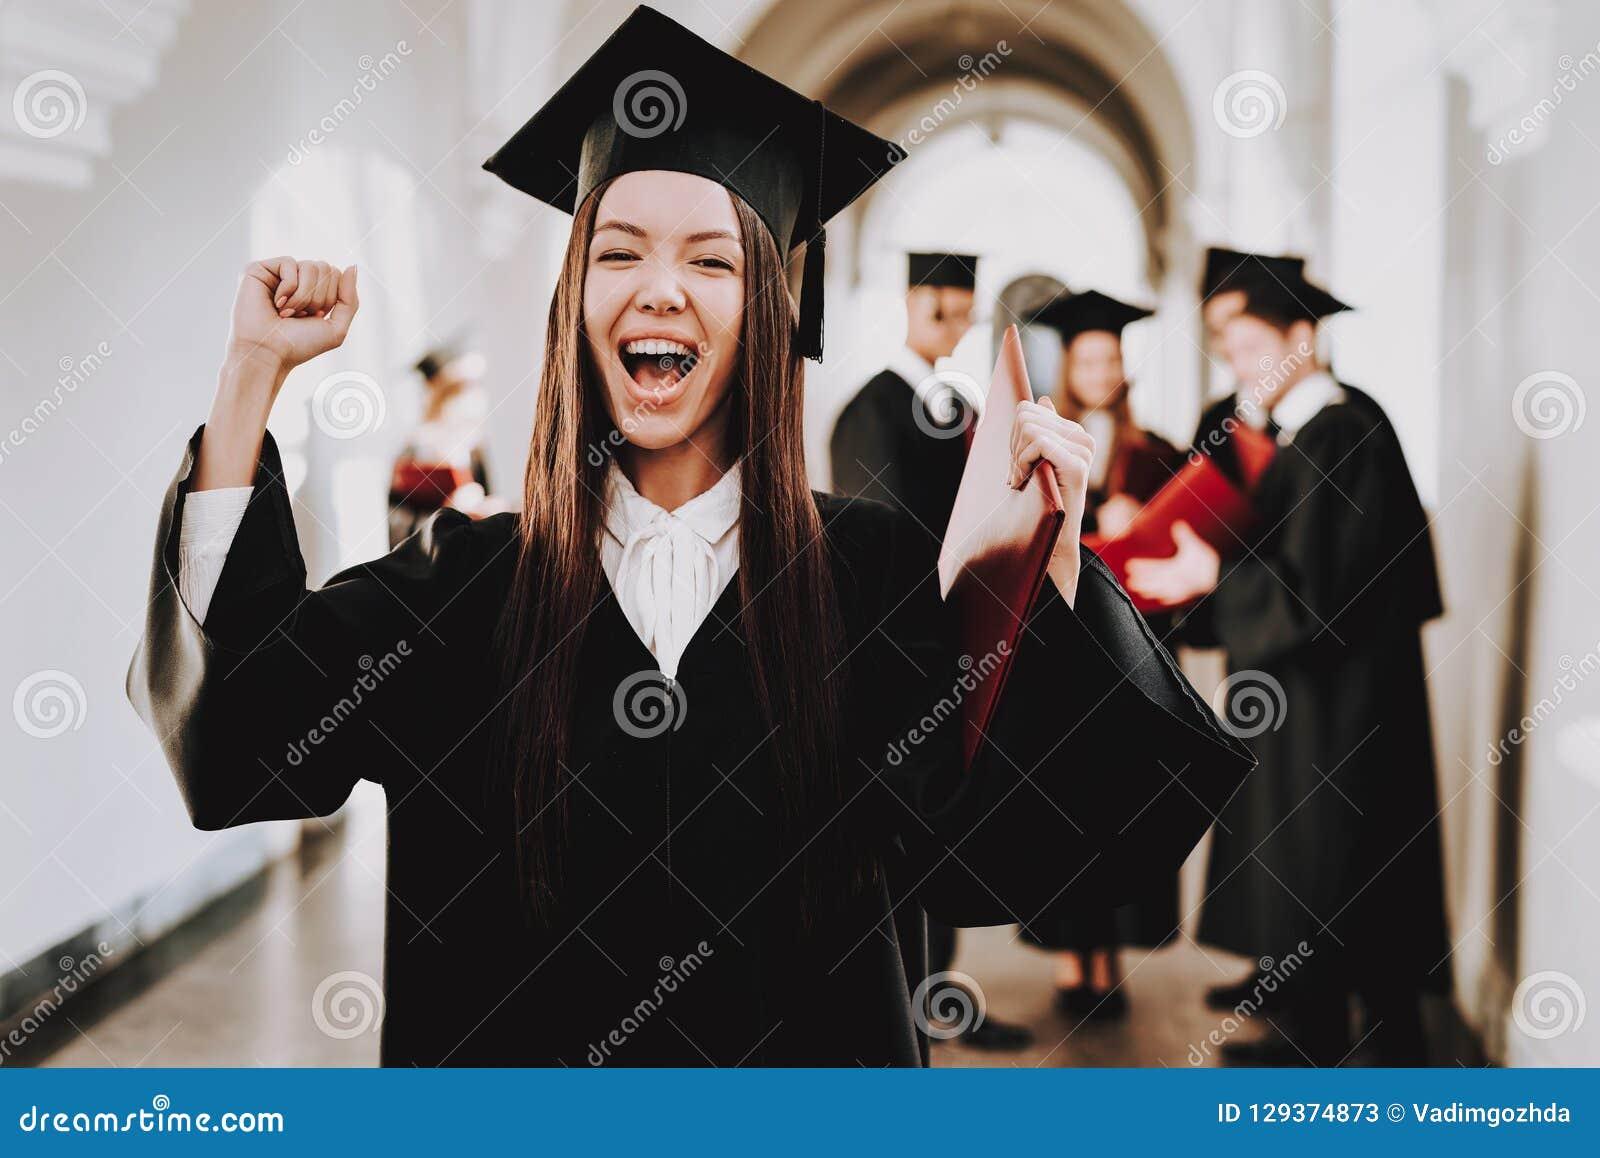 Geluk Aziatisch Meisje gediplomeerde status glb